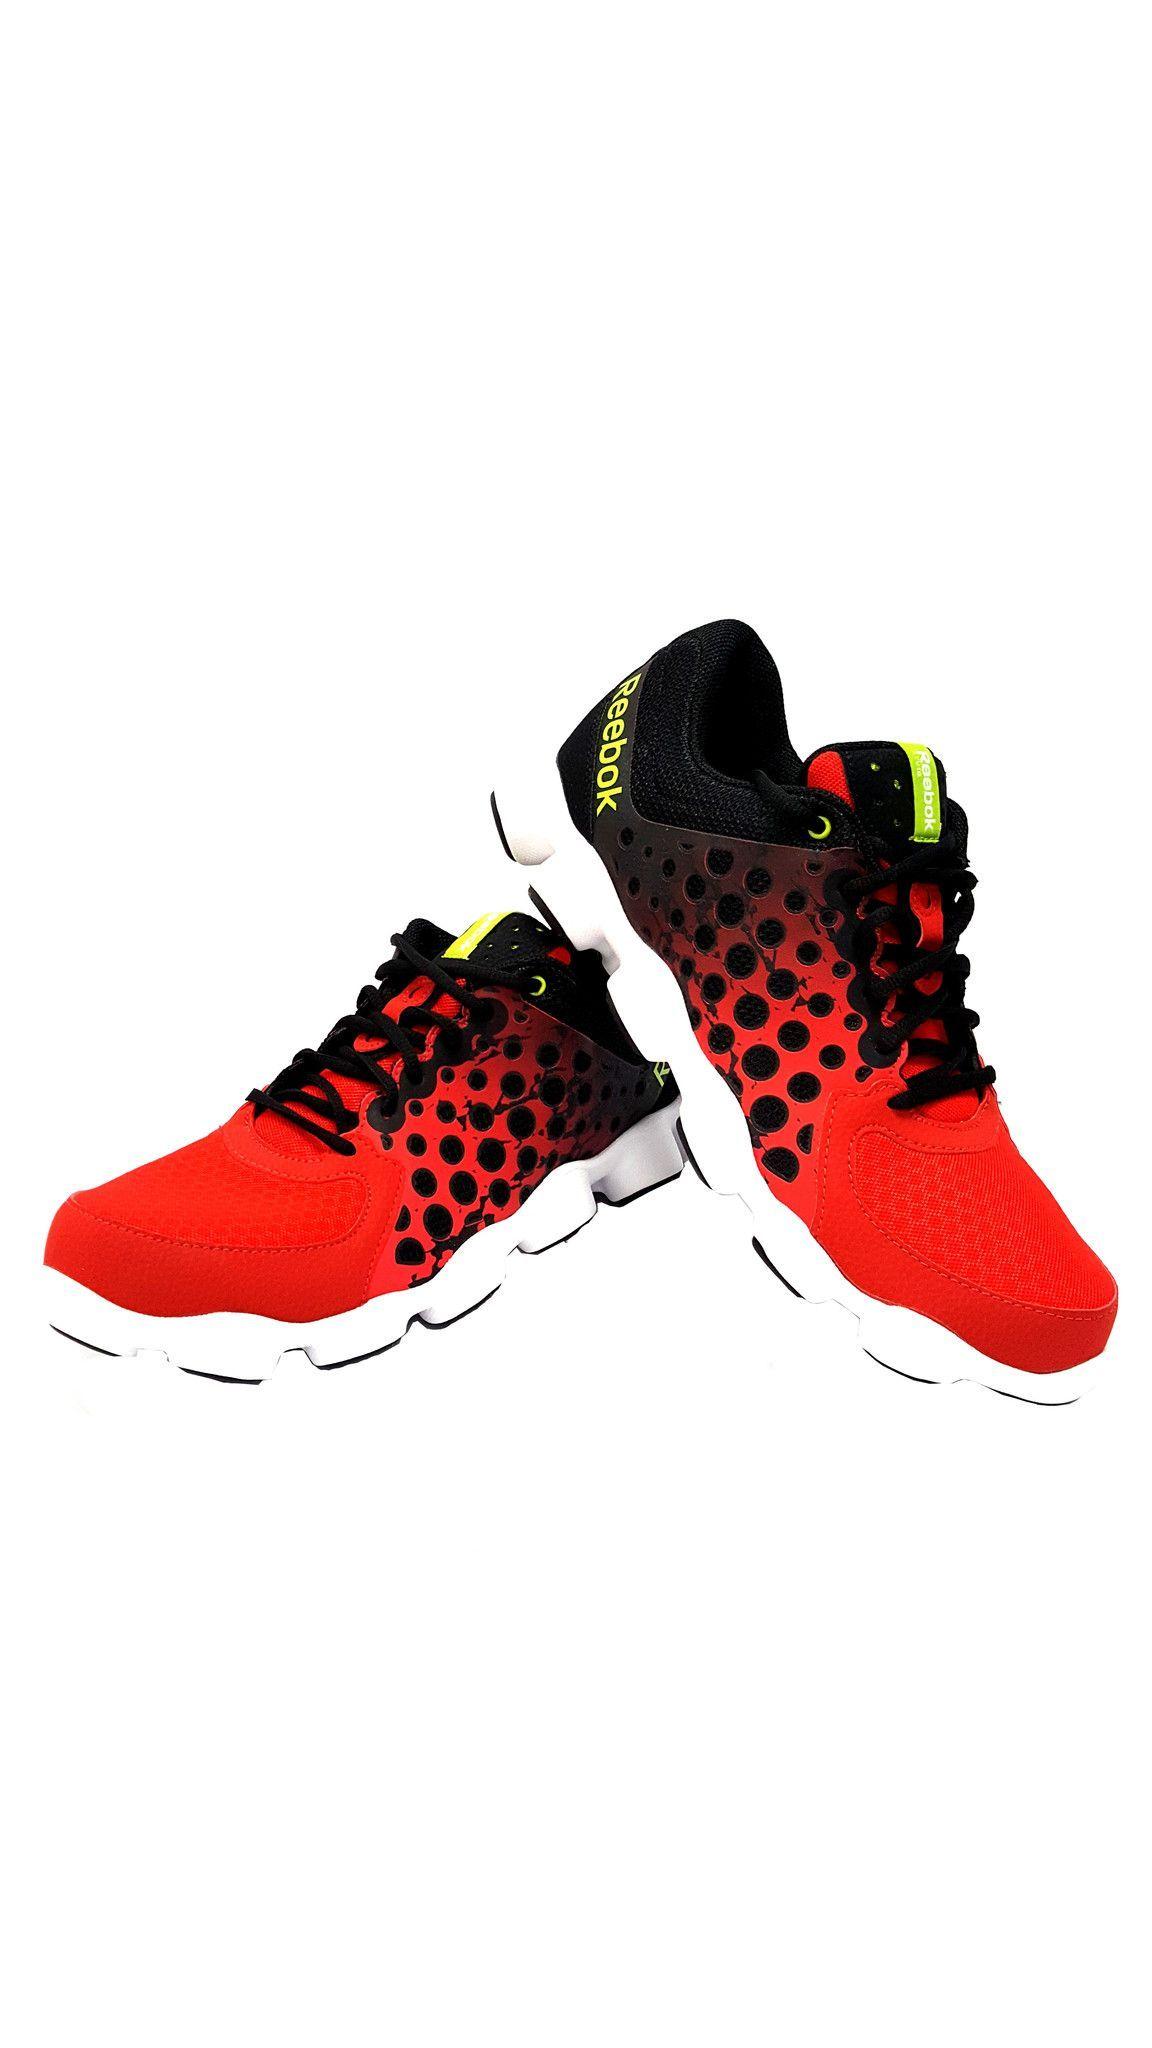 322b1d95d6c5 Reebok ATV 19 Men Running Shoes Red Black White